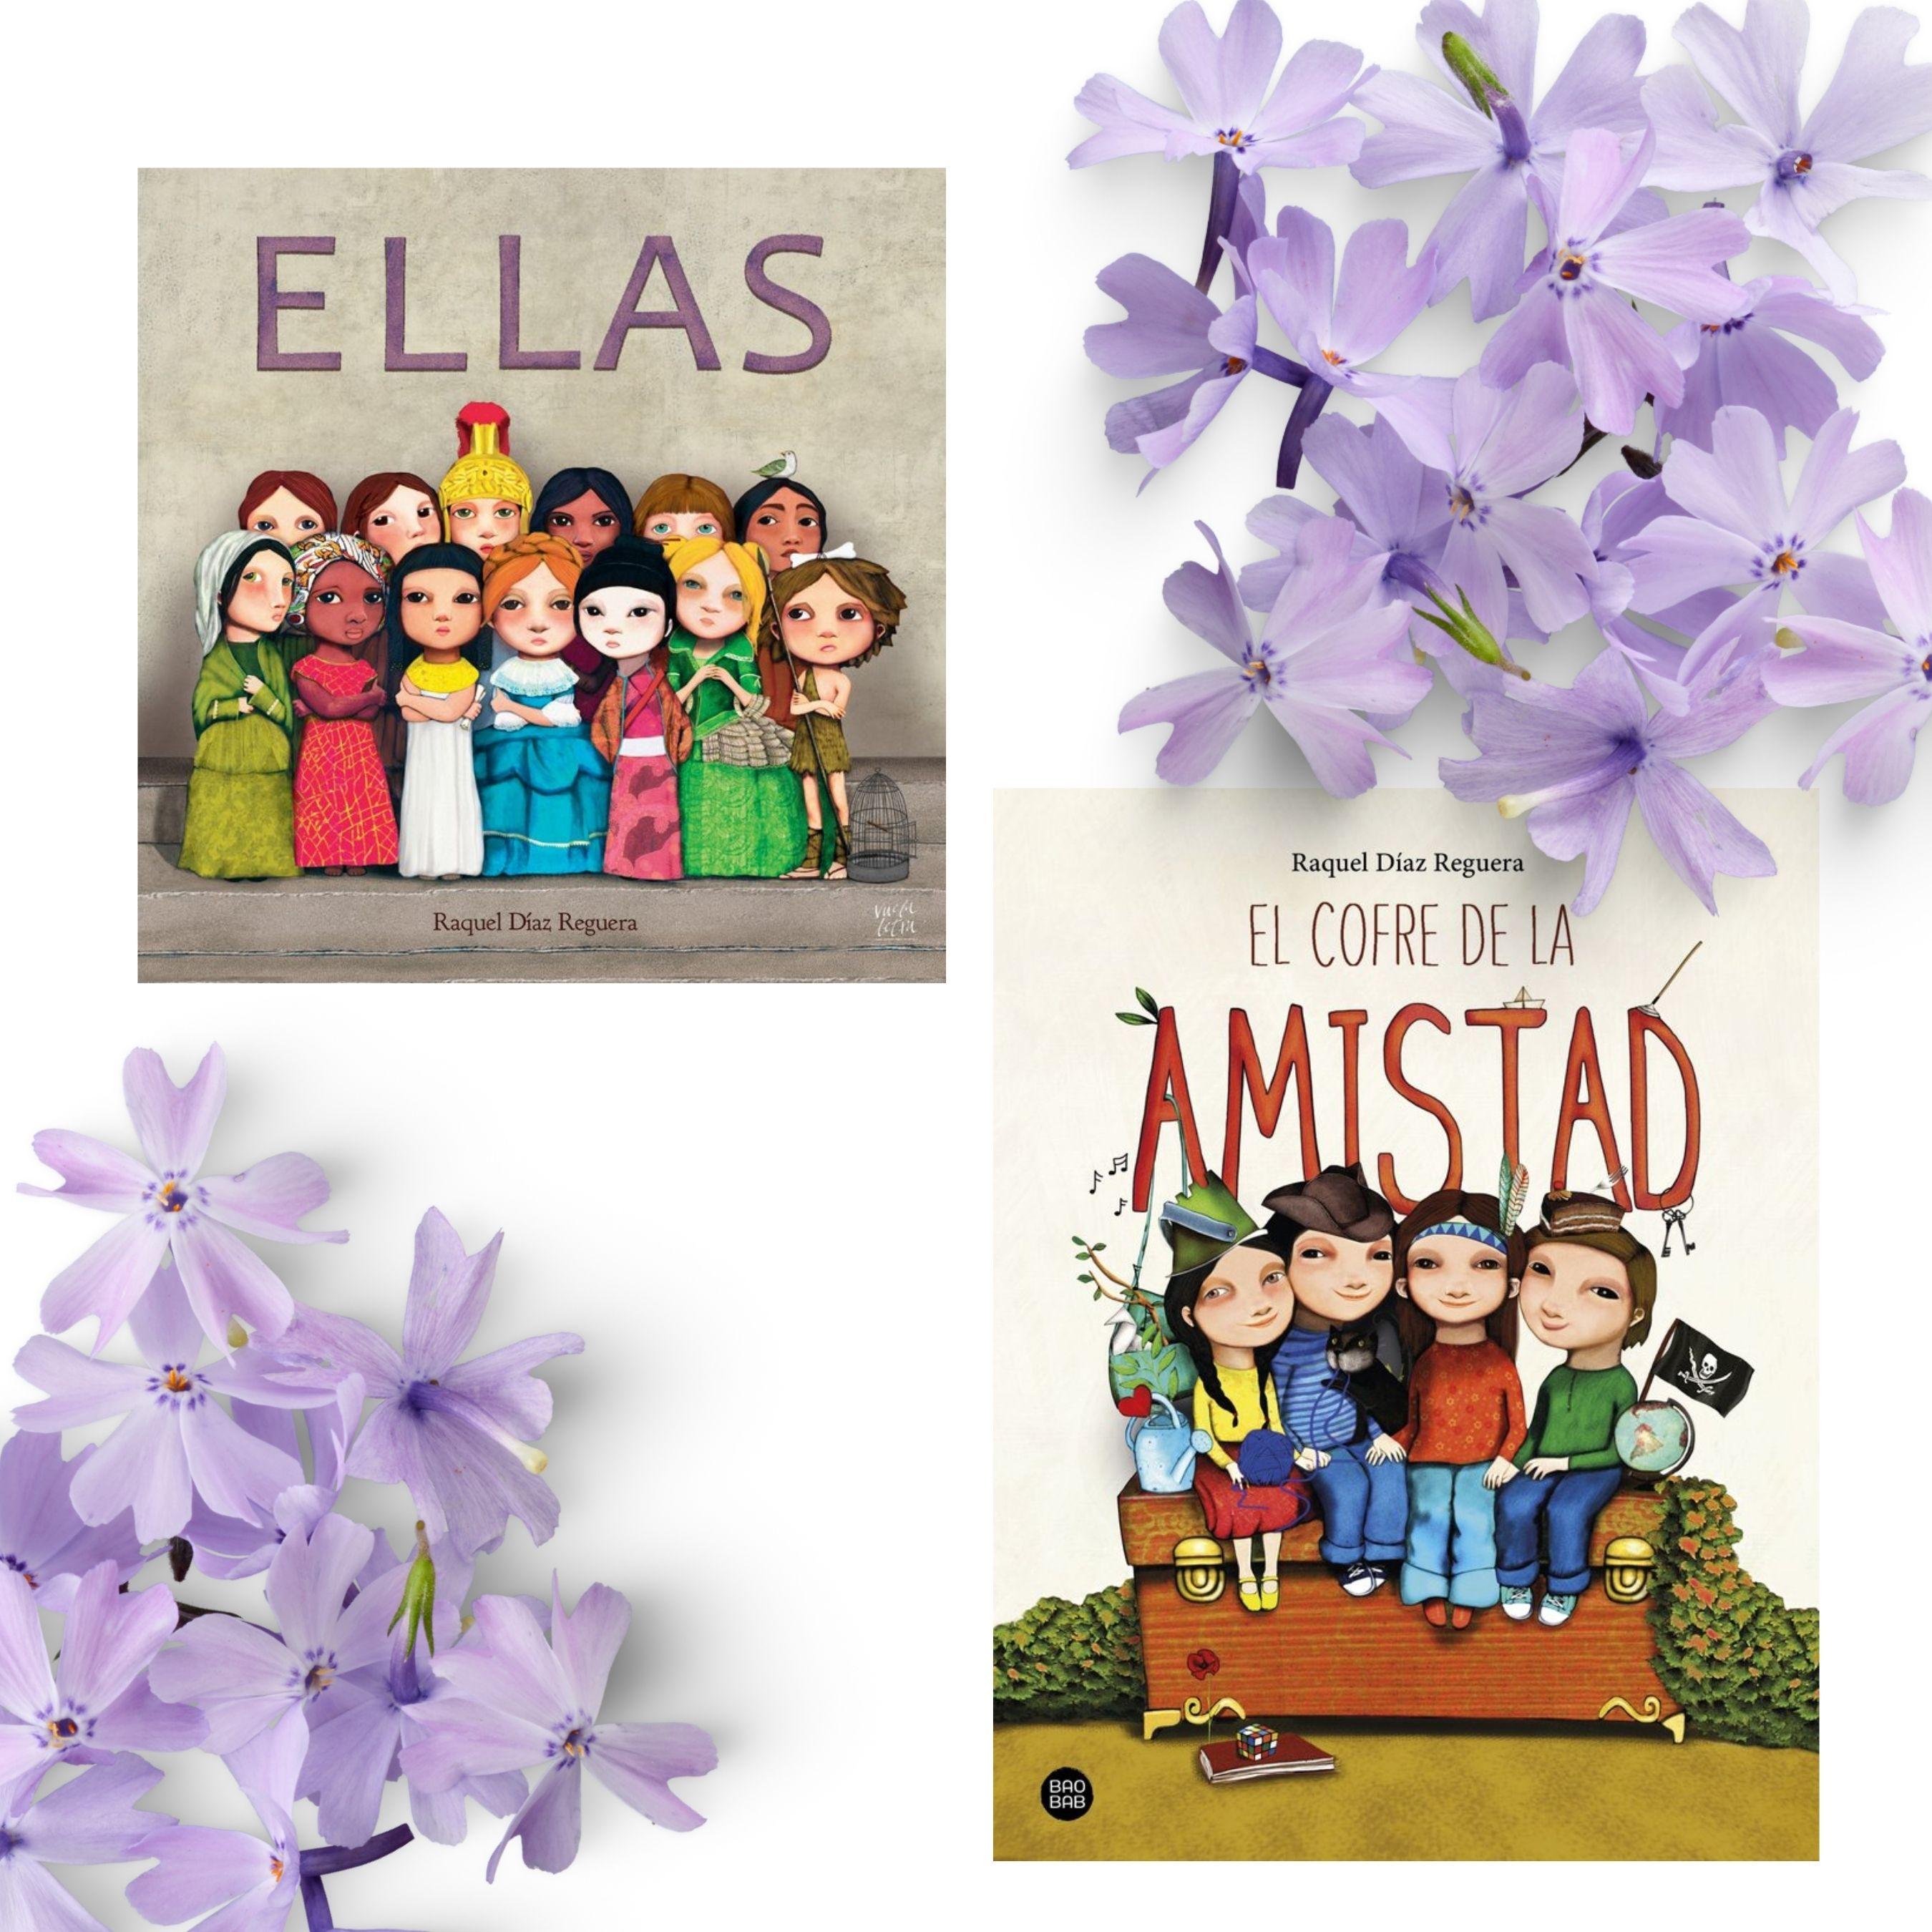 COFRE DE LA AMISTAD Y ELLAS